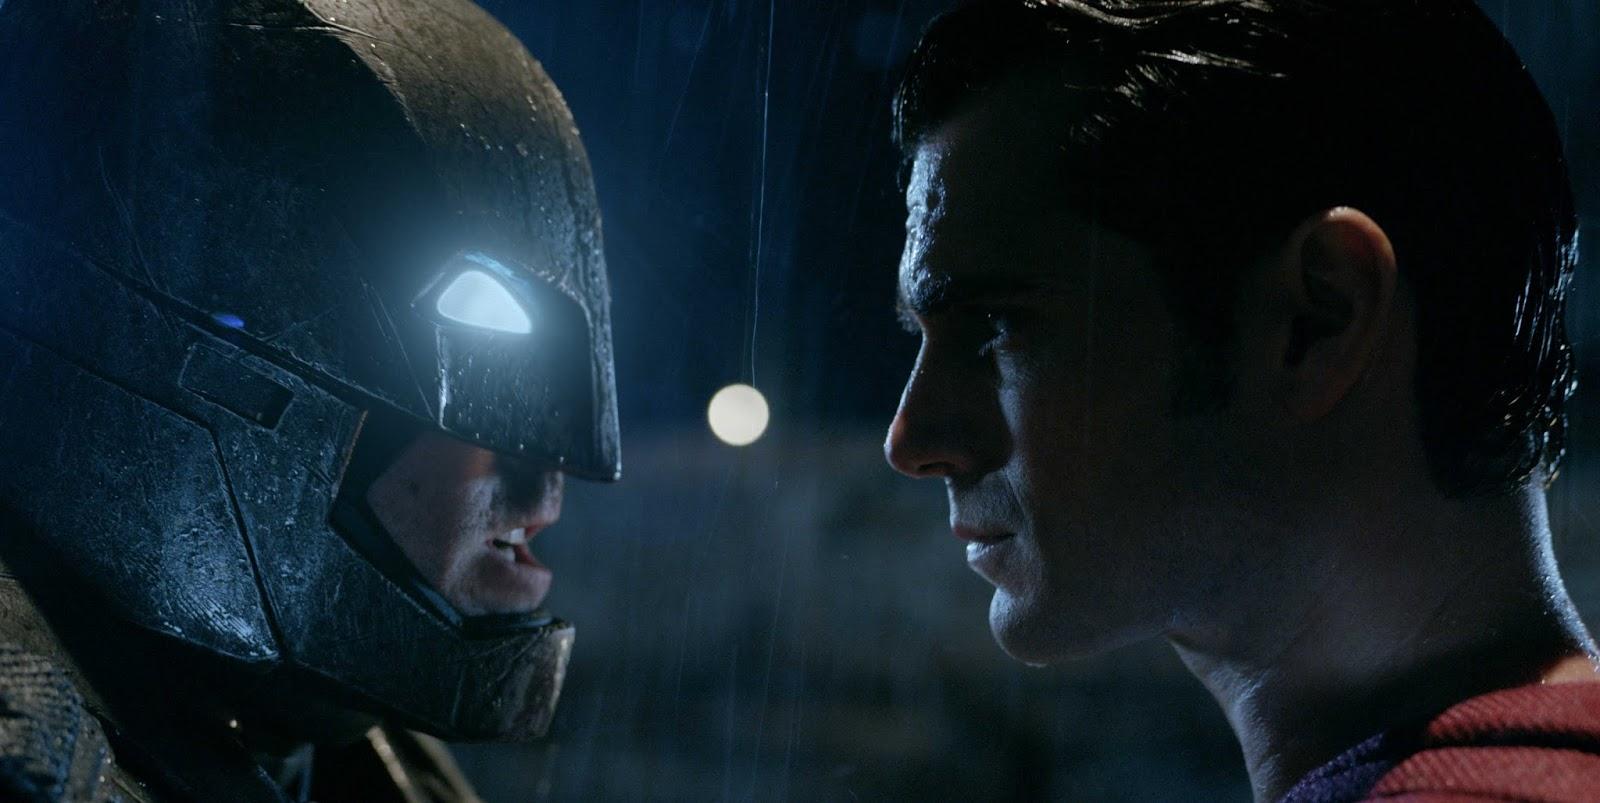 Batman Vs Superman: Animação responde de forma hilária quem vence essa luta